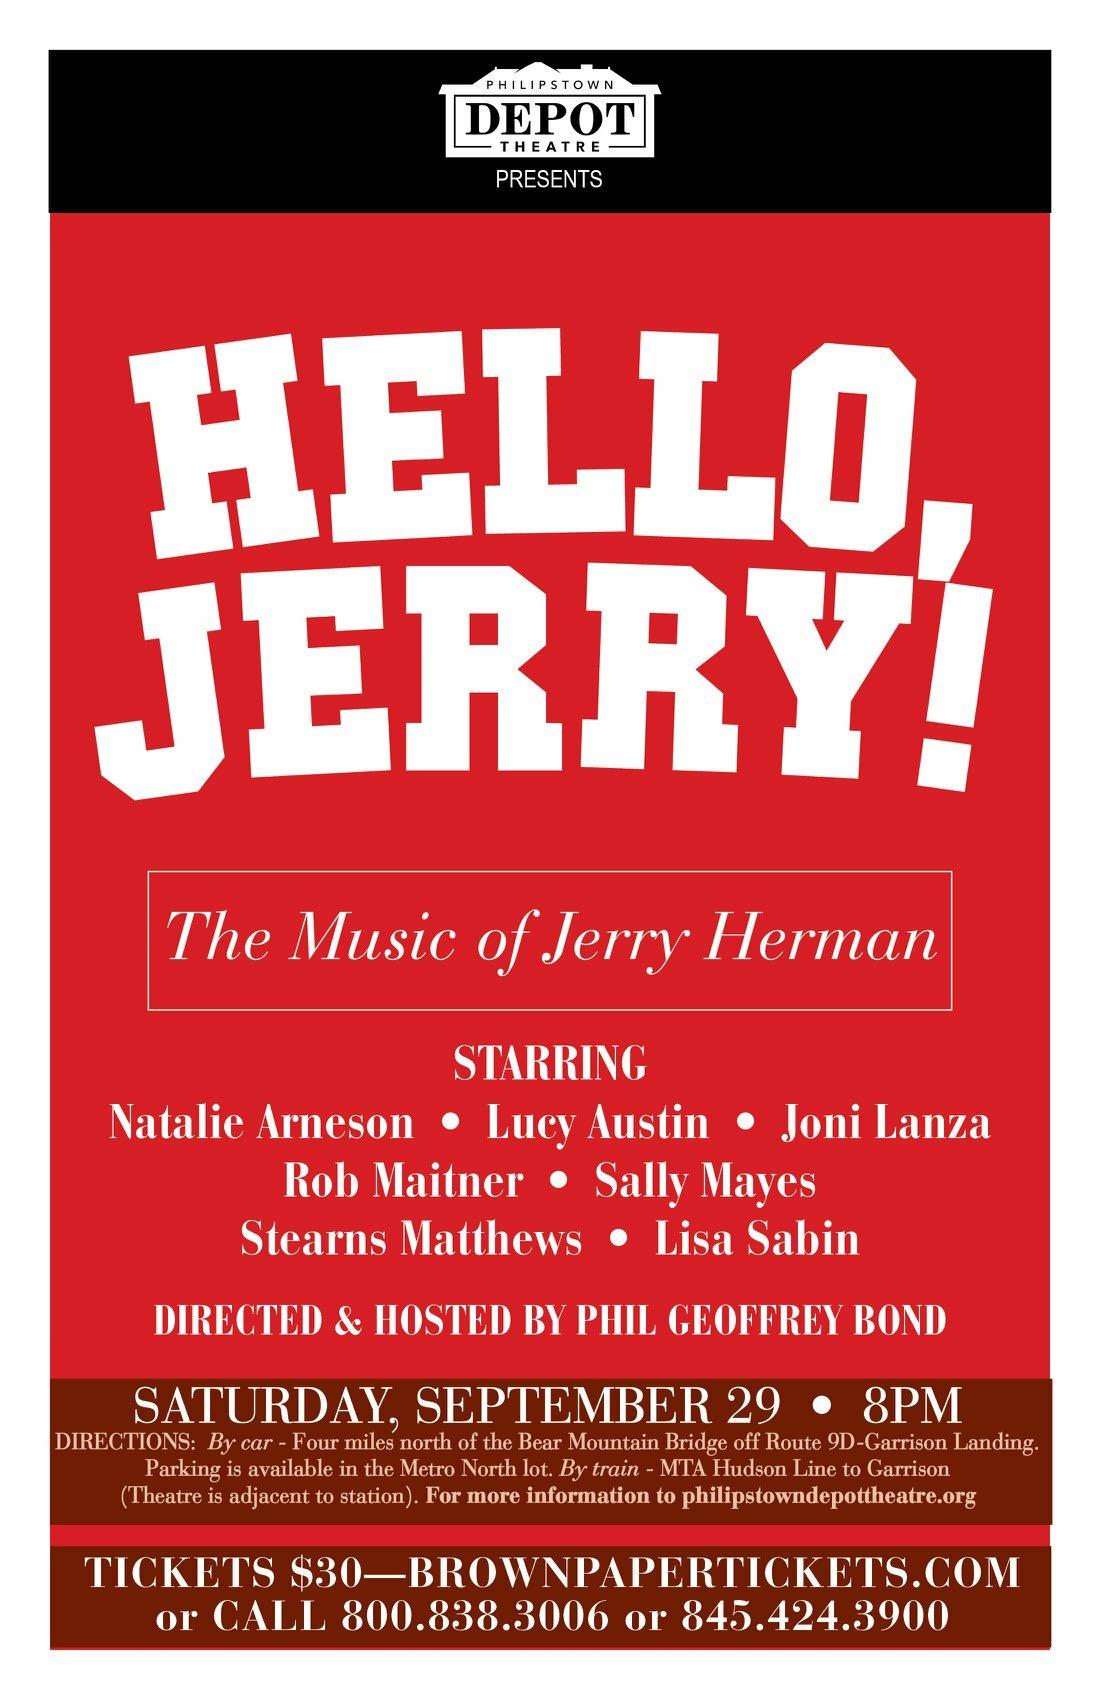 Hello Jerry!